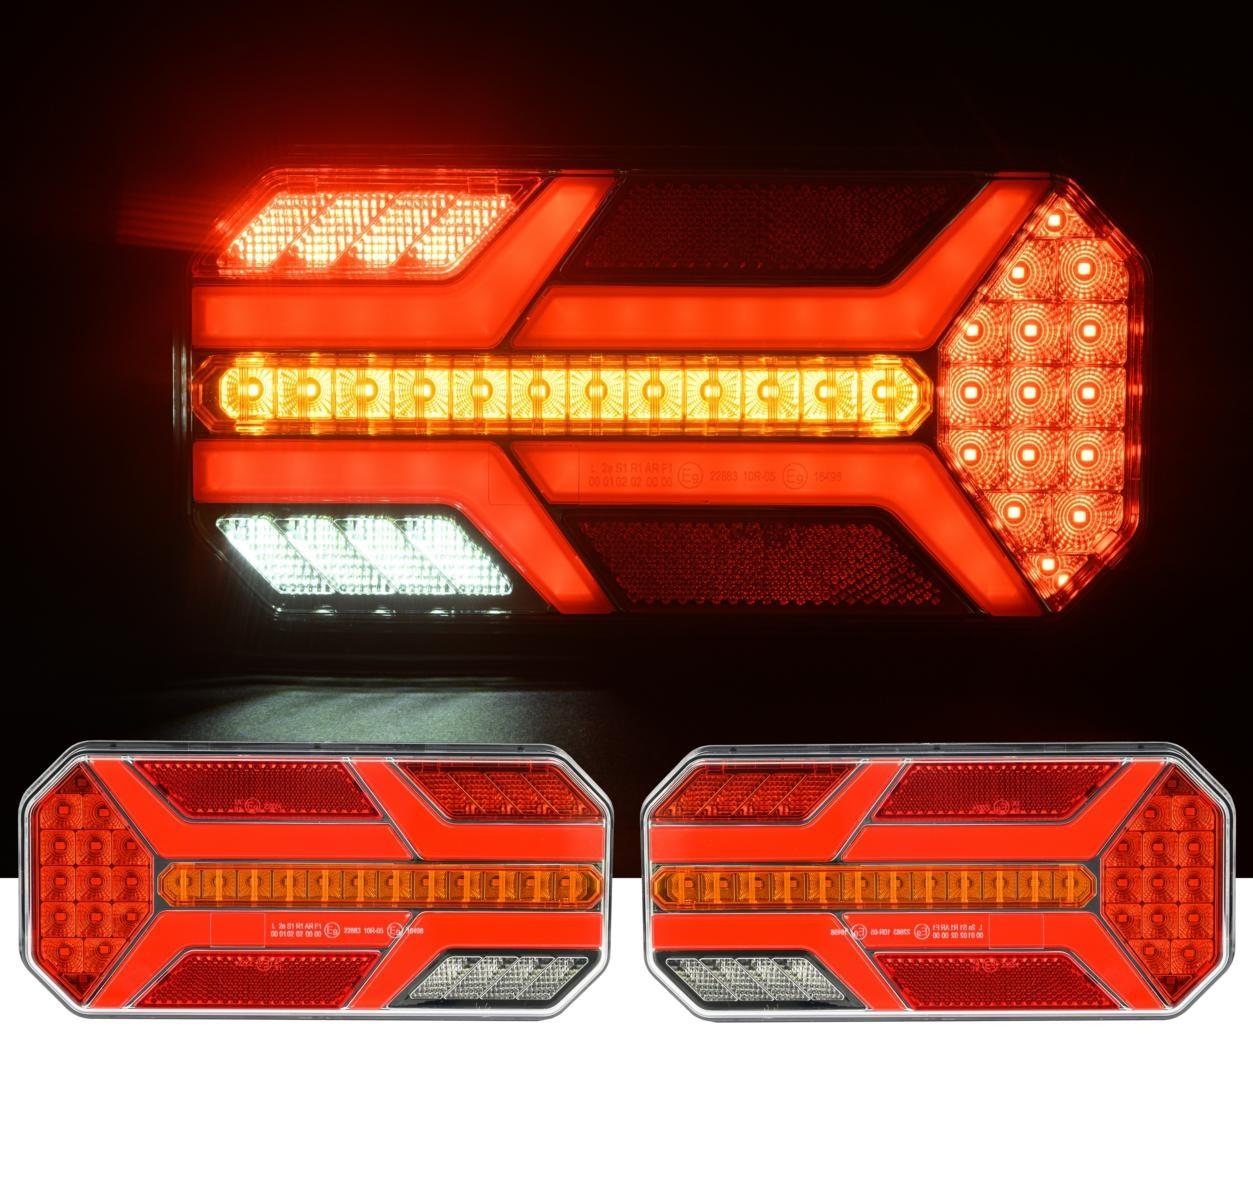 Σετ LED Φανοί Οπίσθιοι 12V 24V Φρένων – Φλας – Θέσης – Όπισθεν – Ομίχλης με 7 Λειτουργίες